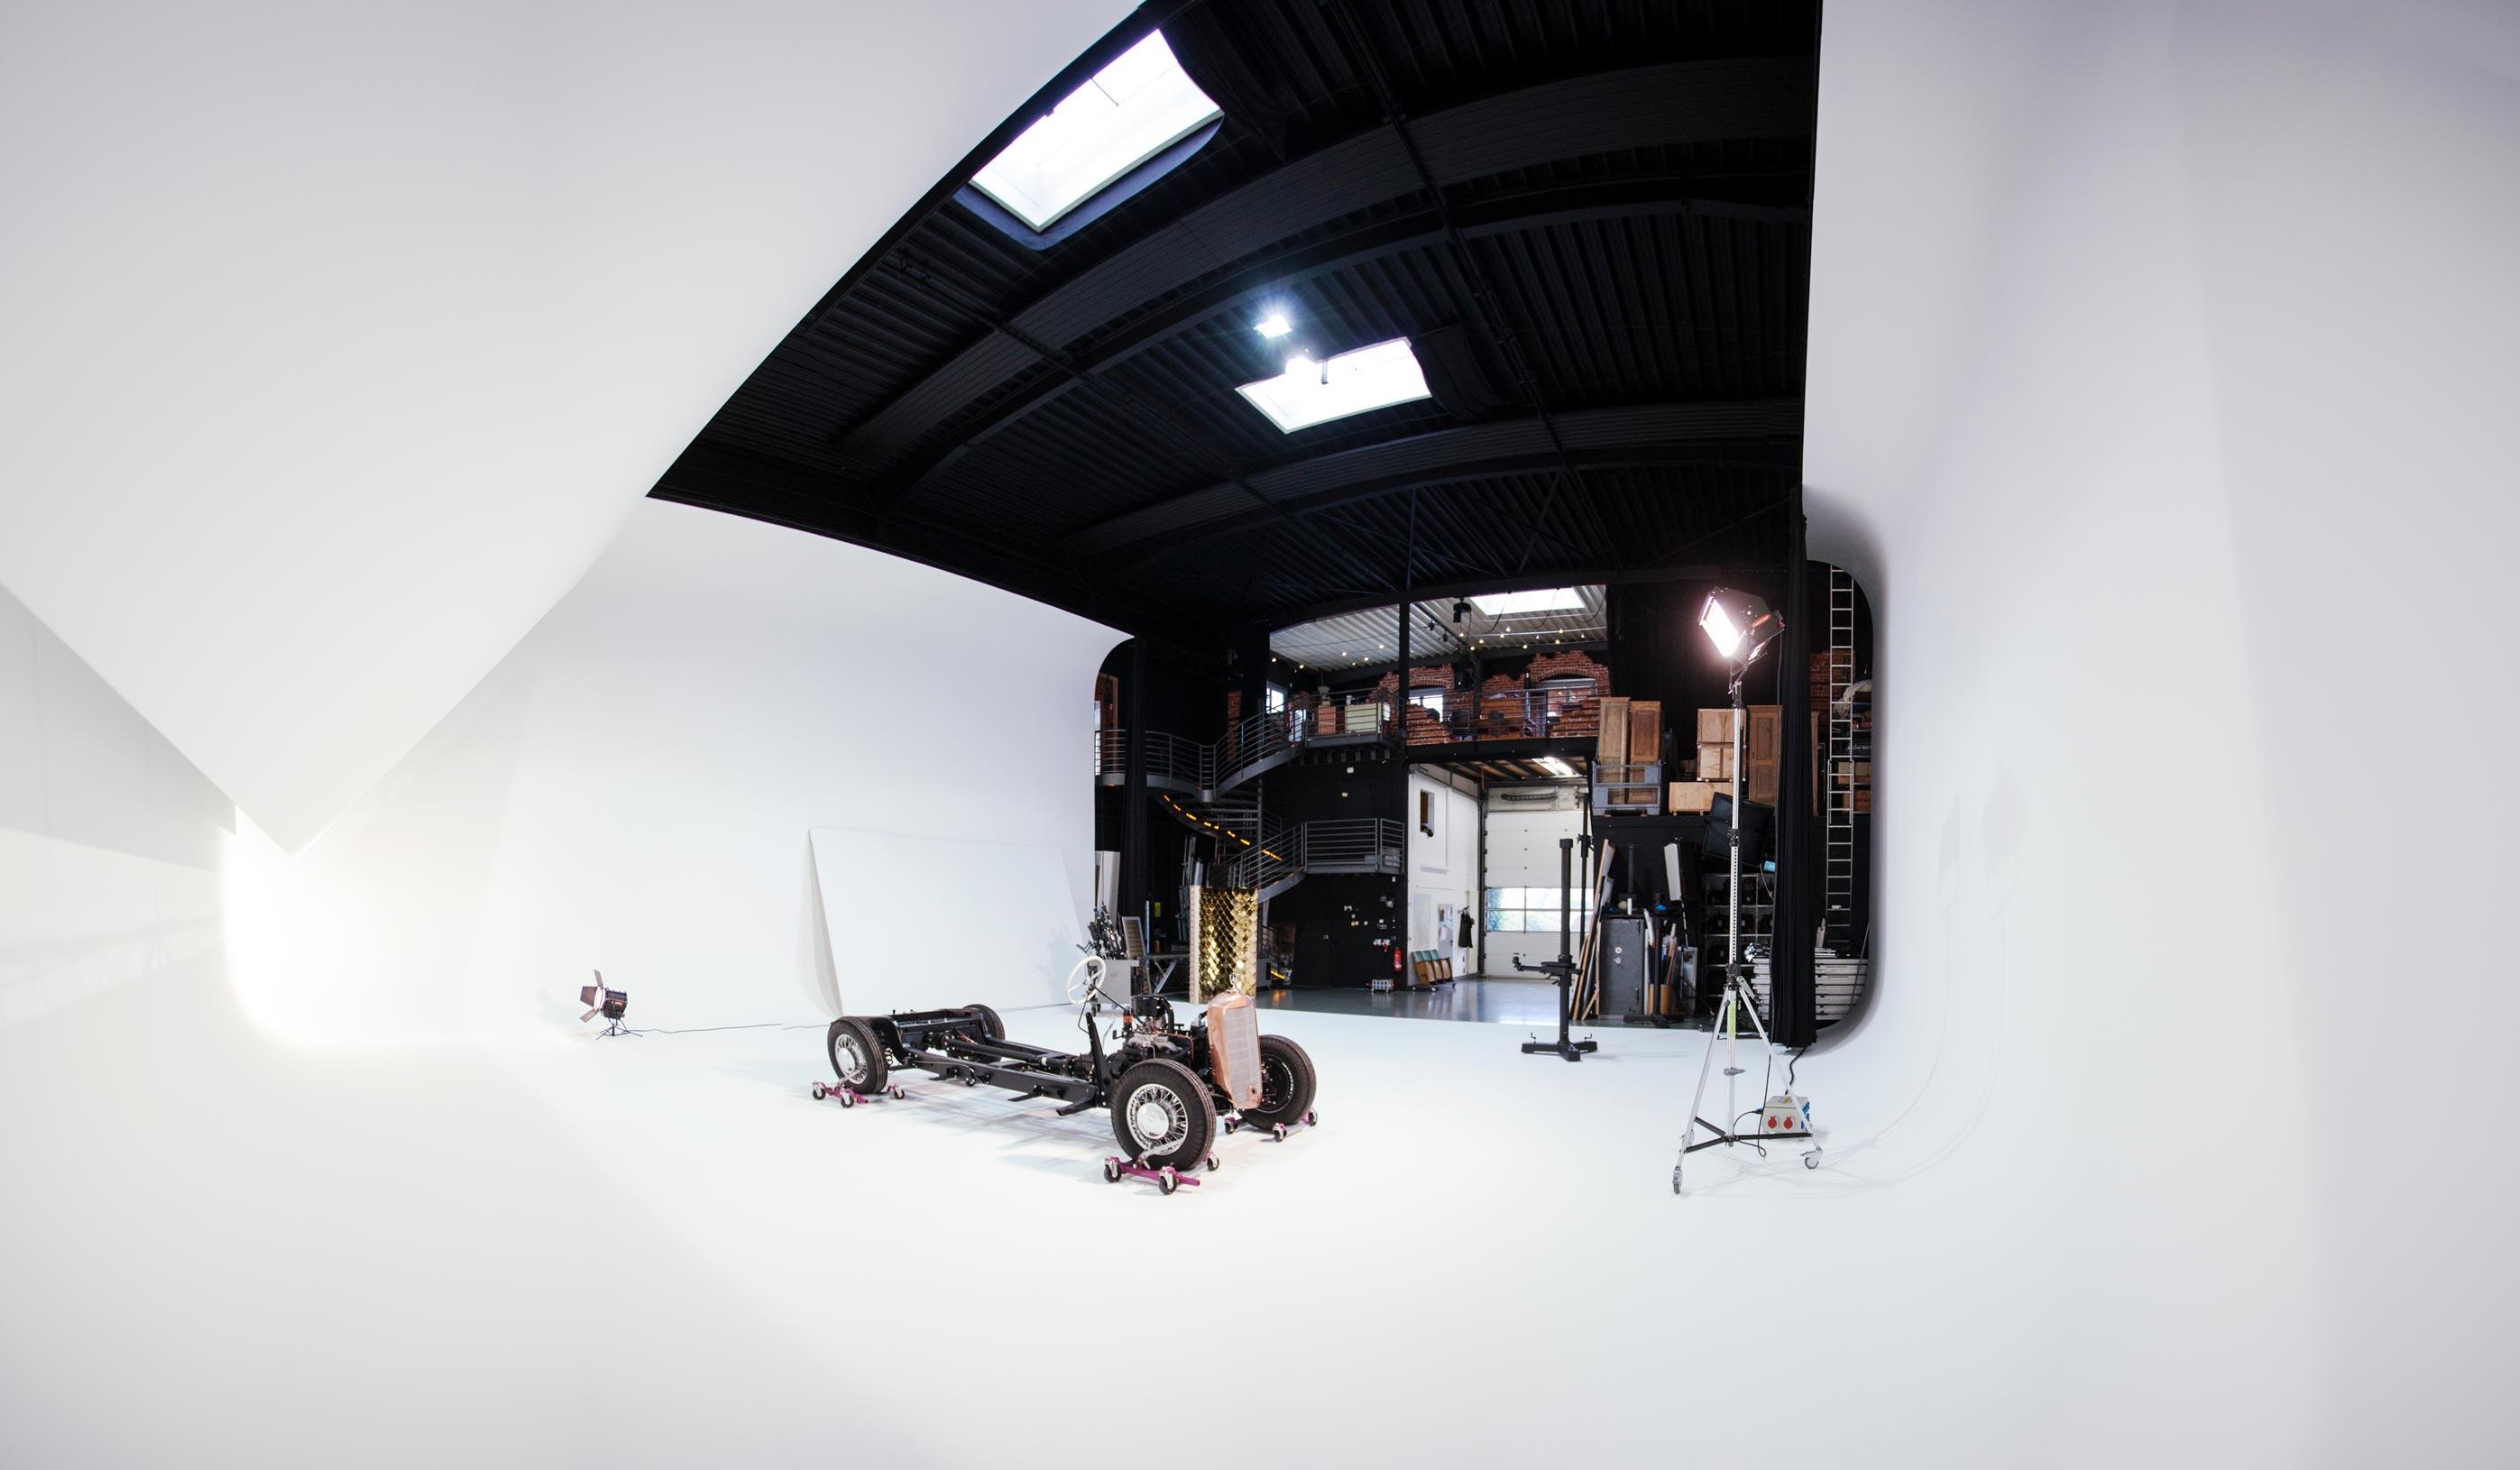 Großes Fotostudio mit Equipment und einem Chassis